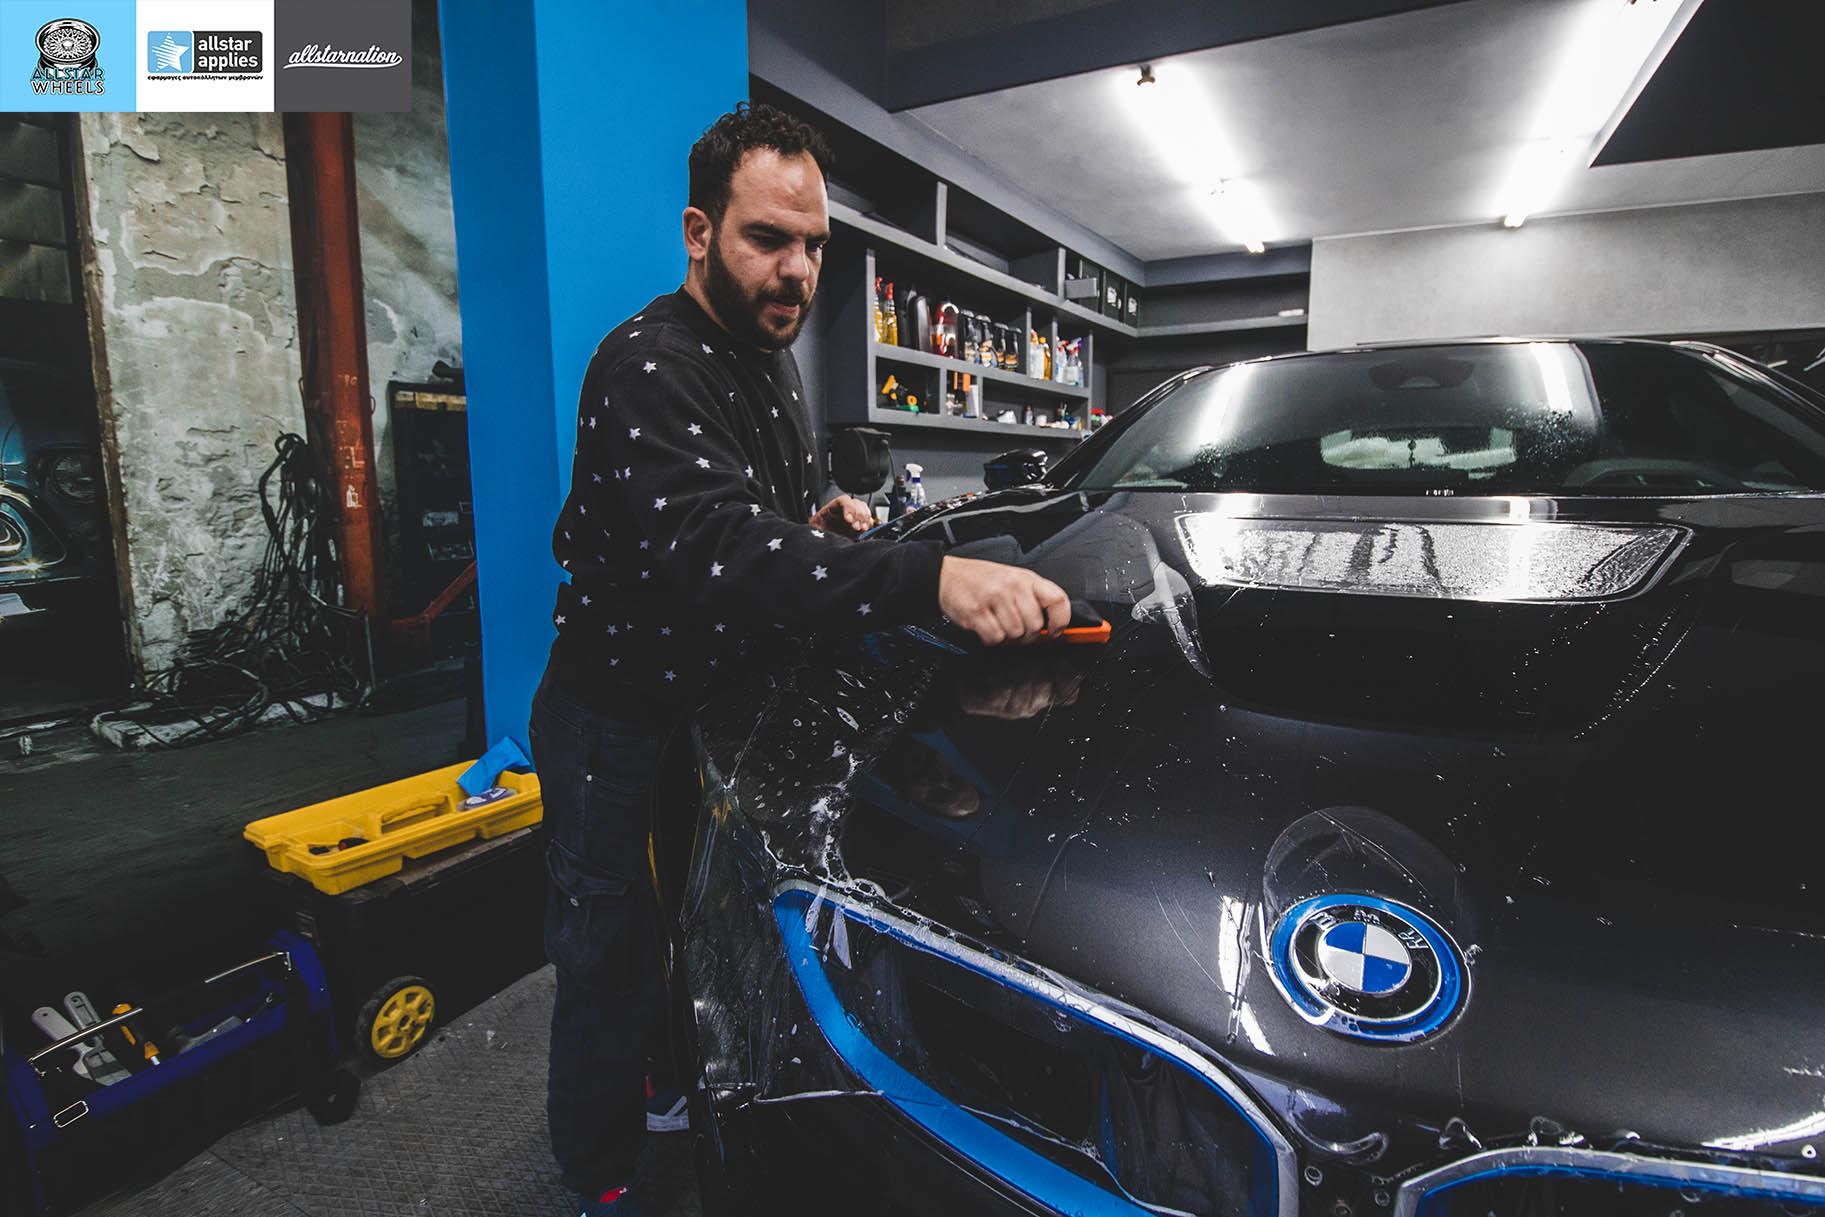 αυτοκόλλητα προστασίας αυτοκινήτου bmw i8 by Allstar Applies στη θεσσαλονίκη